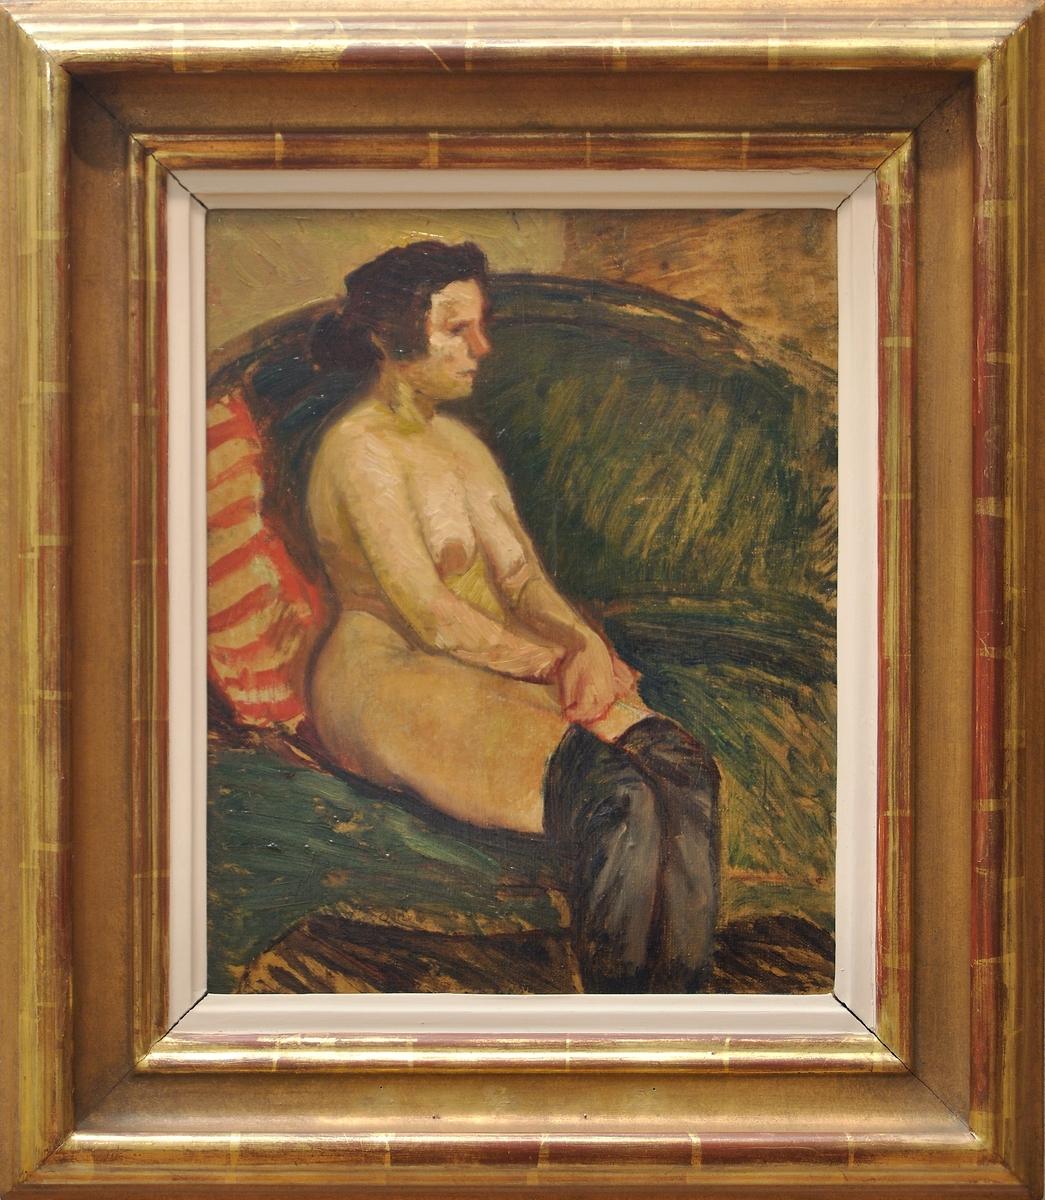 """Oljemålning på duk, """"Modellen"""" av Helmer Osslund. Naken kvinna iklädd endast svarta strumpor sittande i en grön soffa, fas något t.v. Mörkbrunt hår med knut i nacken. T.v. en rödrandig kudde. (Kat.kort) Montering/Ram: Förgylld originalram, vitmålad innerlist"""